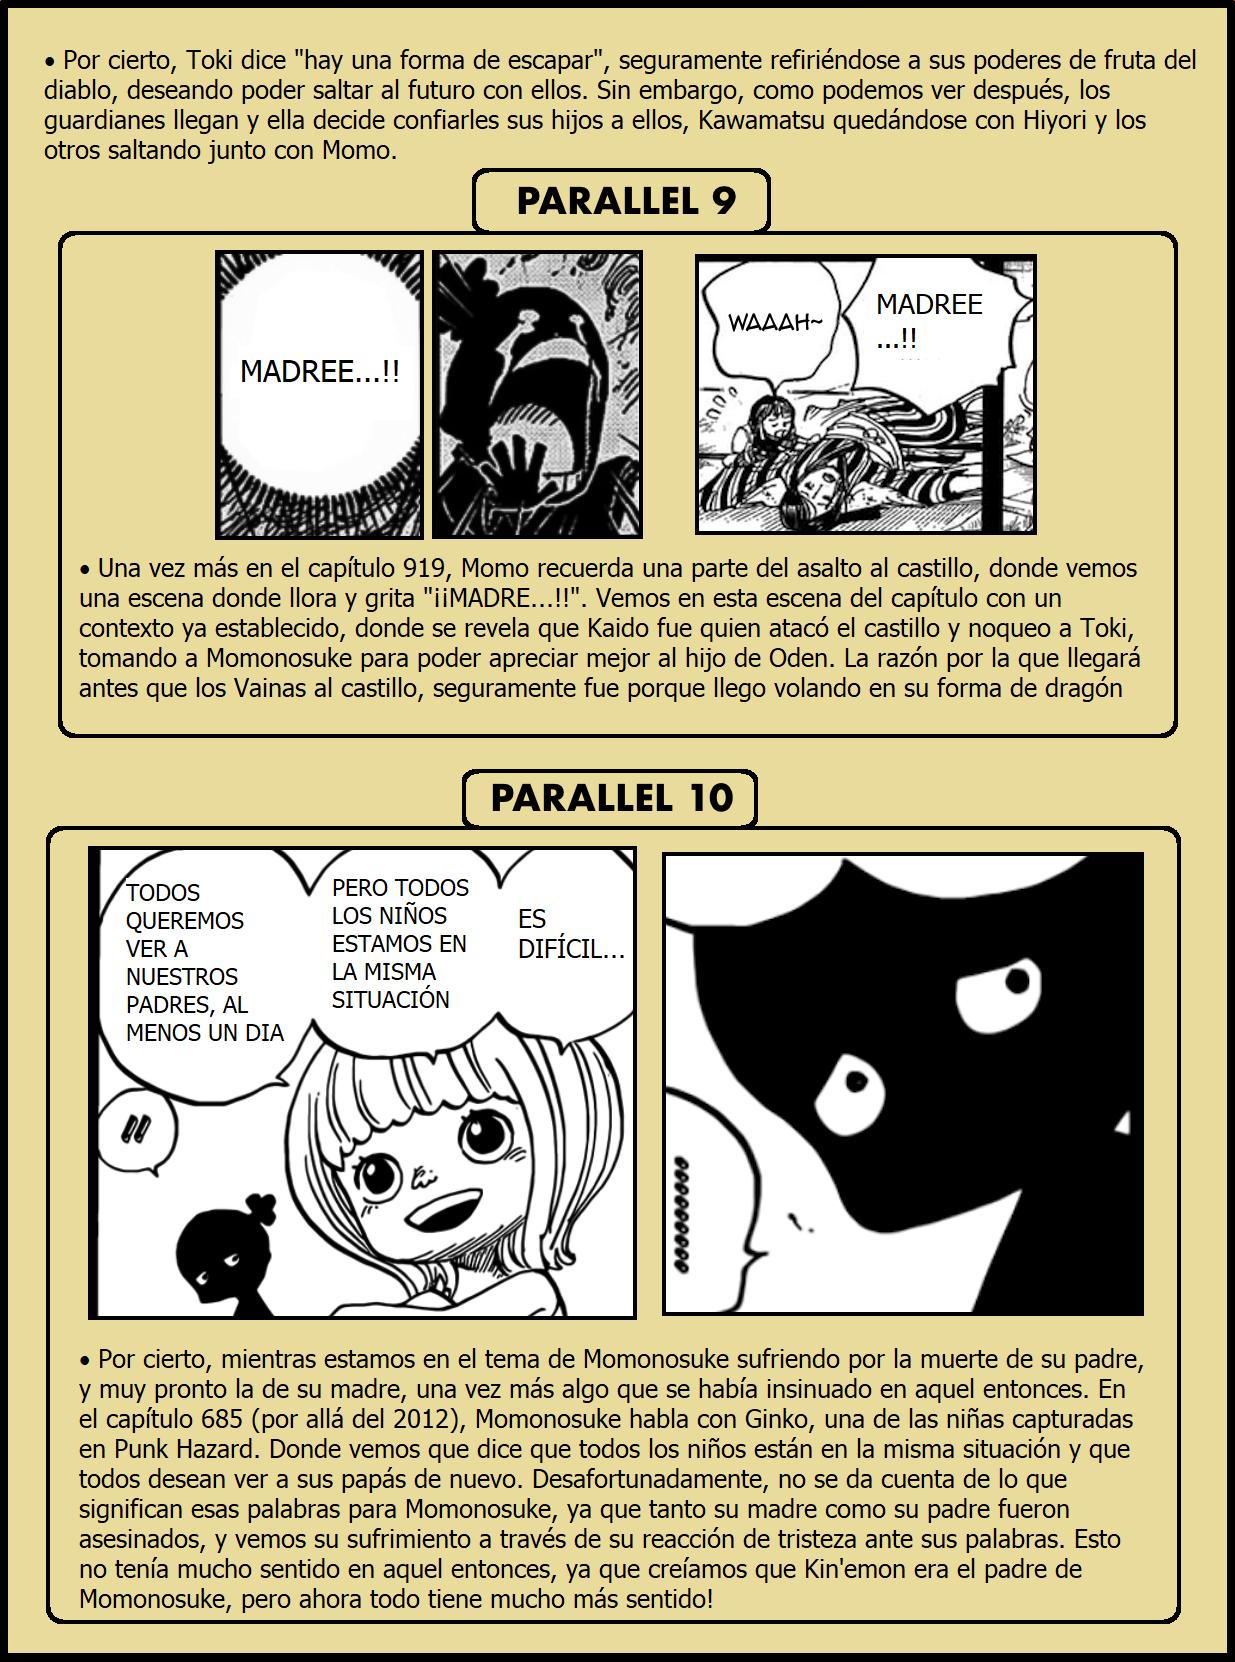 Secretos & Curiosidades - One Piece Manga 973 08